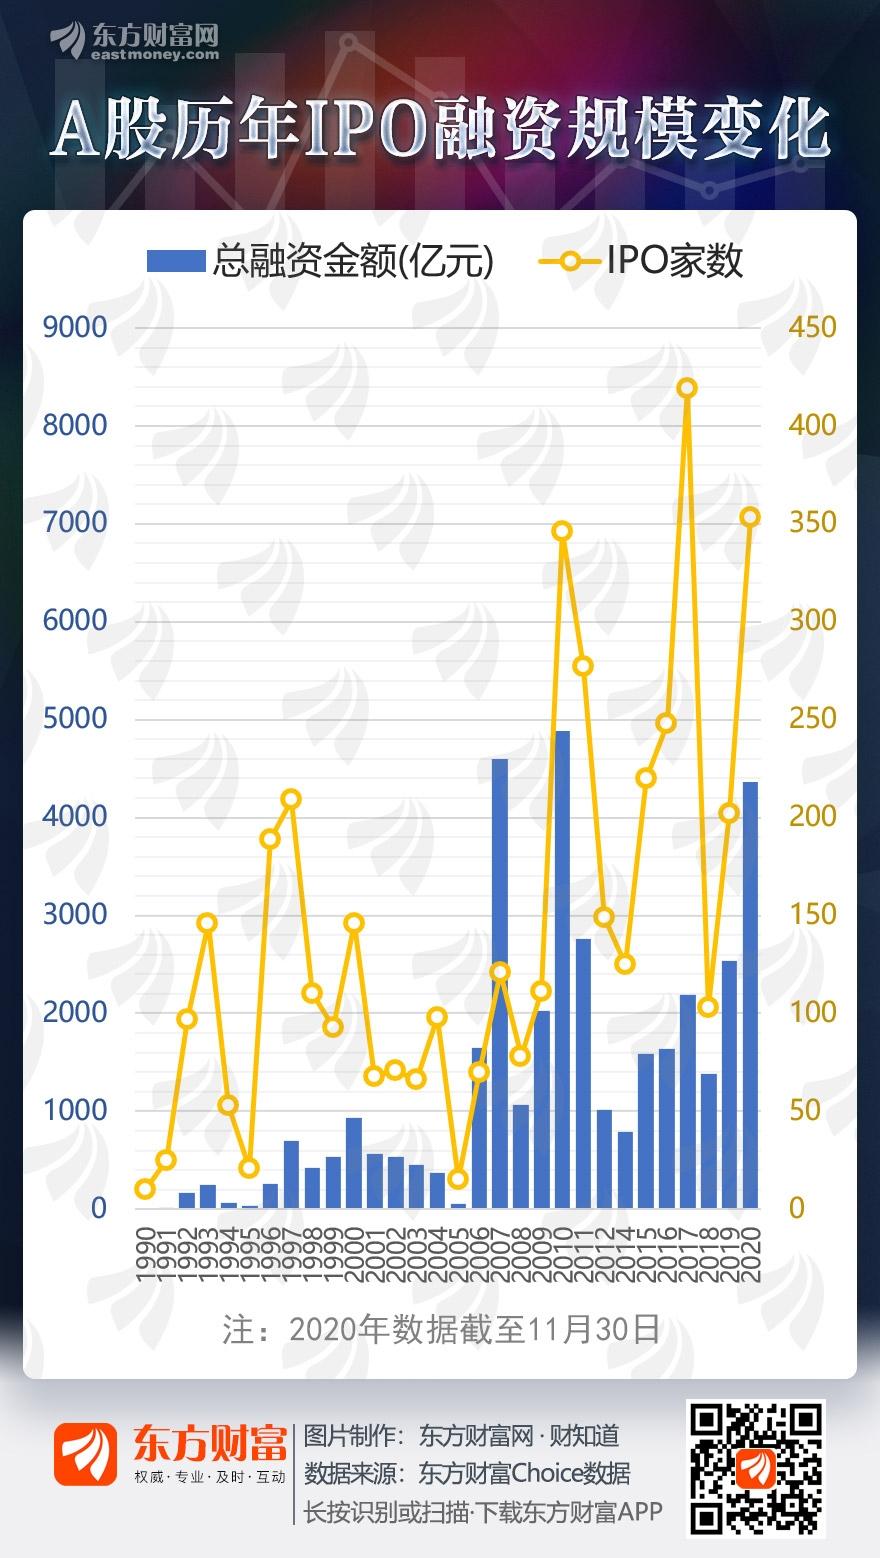 a股IPO融资30年来今年已经突破4000亿。回顾这些年来的规模变化,